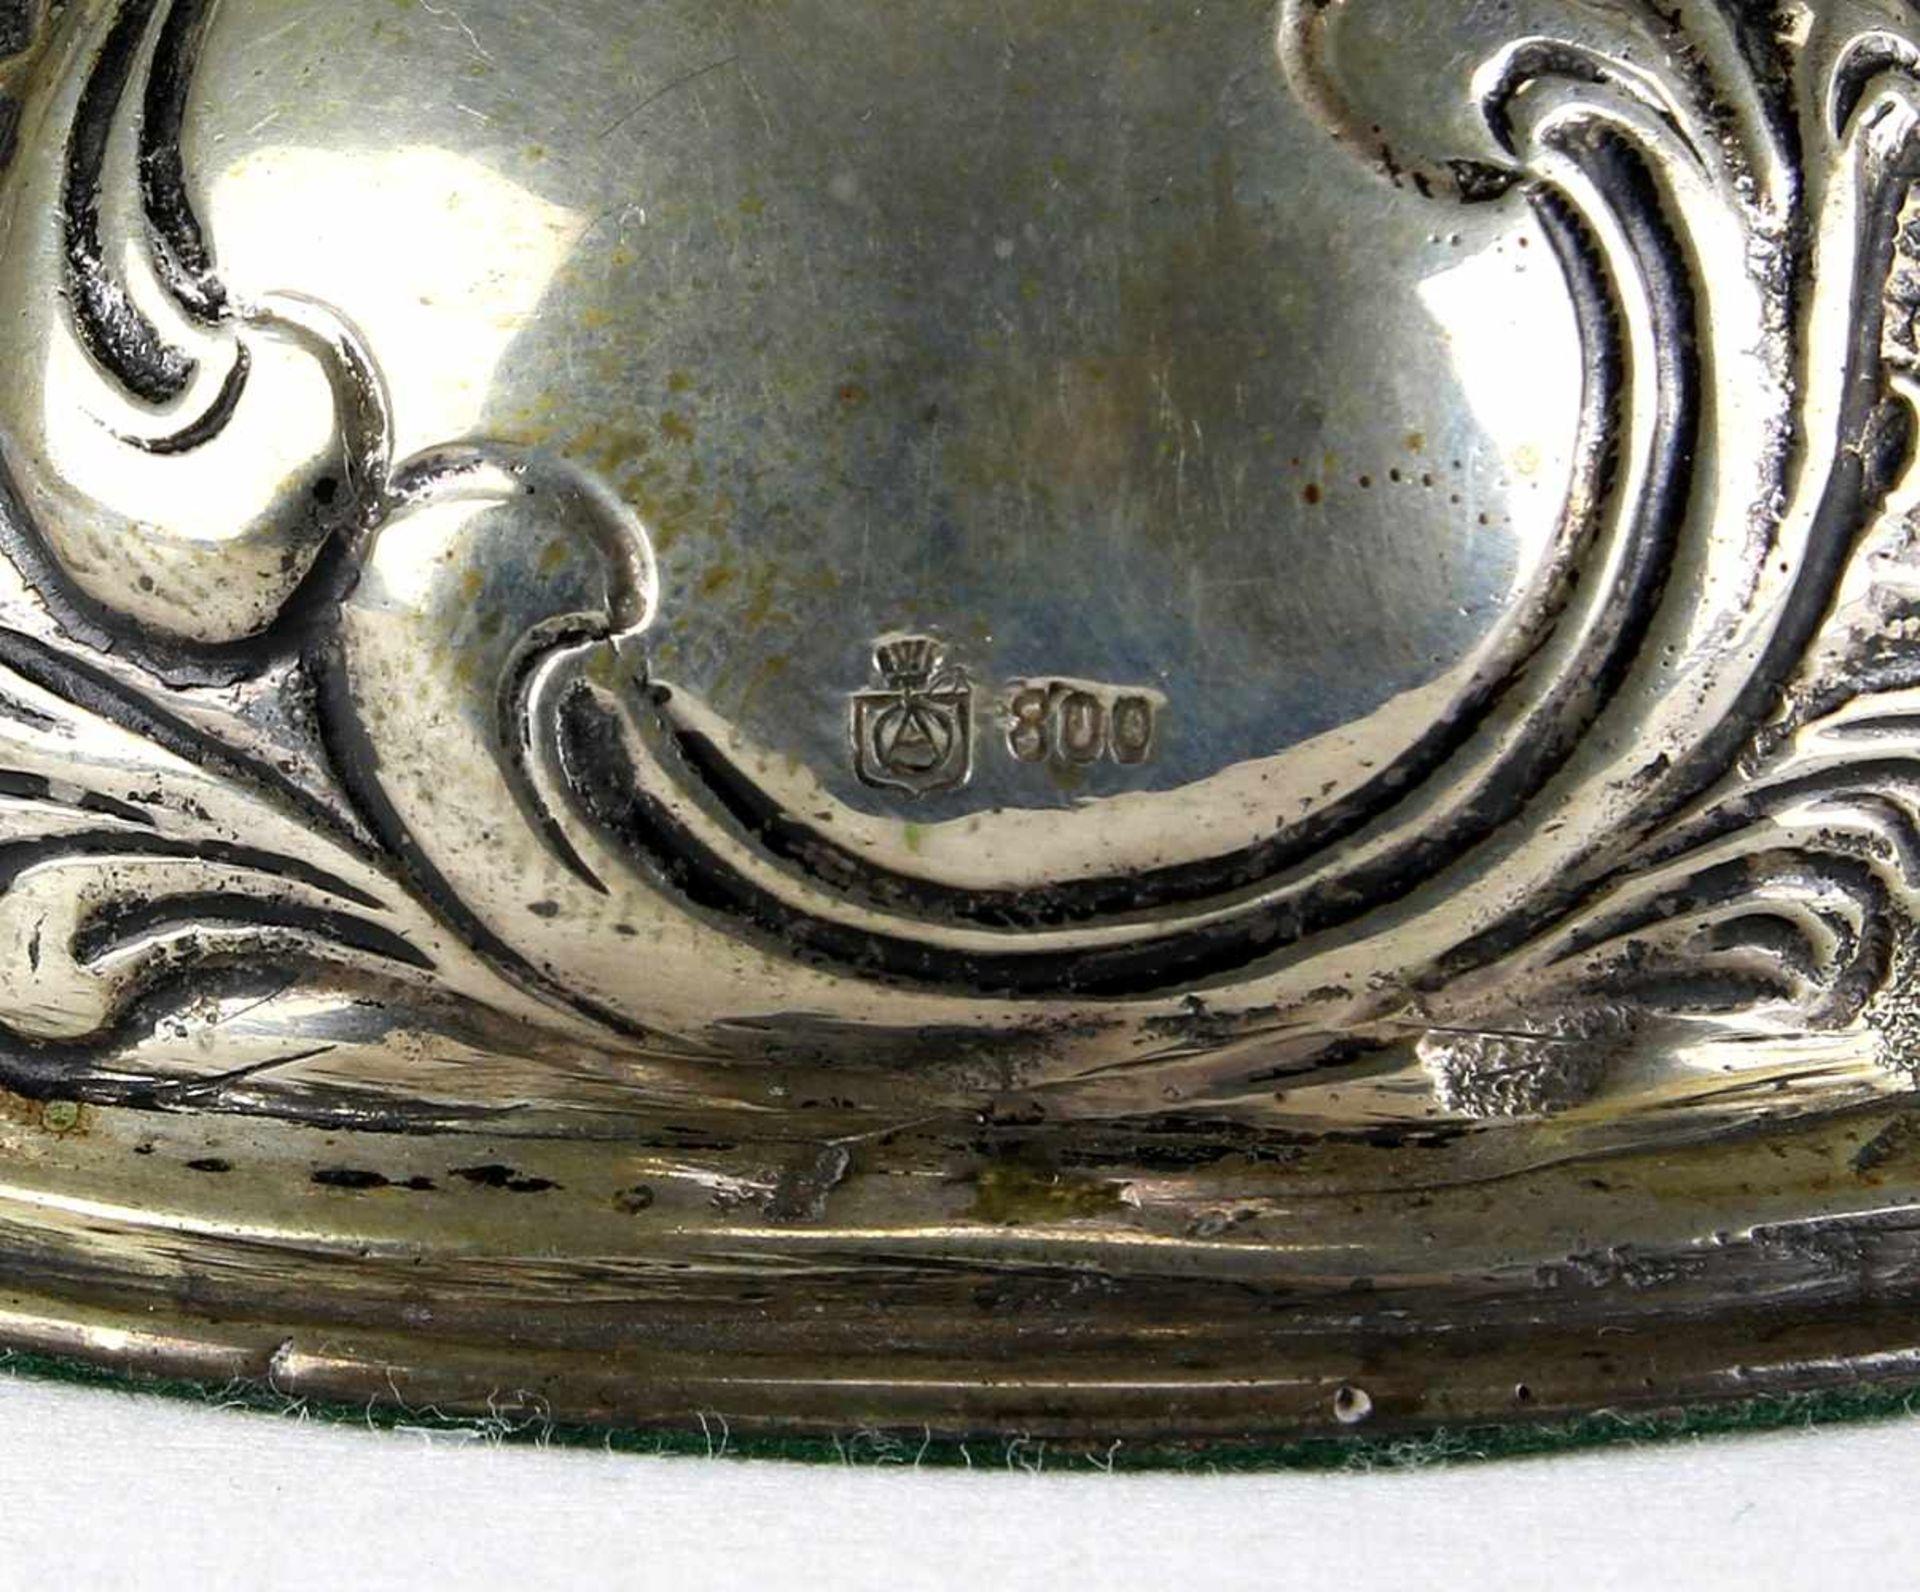 Paar SilberleuchterDeutsch um 1900. Silber 800 punziert und ungedeutete Herstellermarke. - Bild 4 aus 4